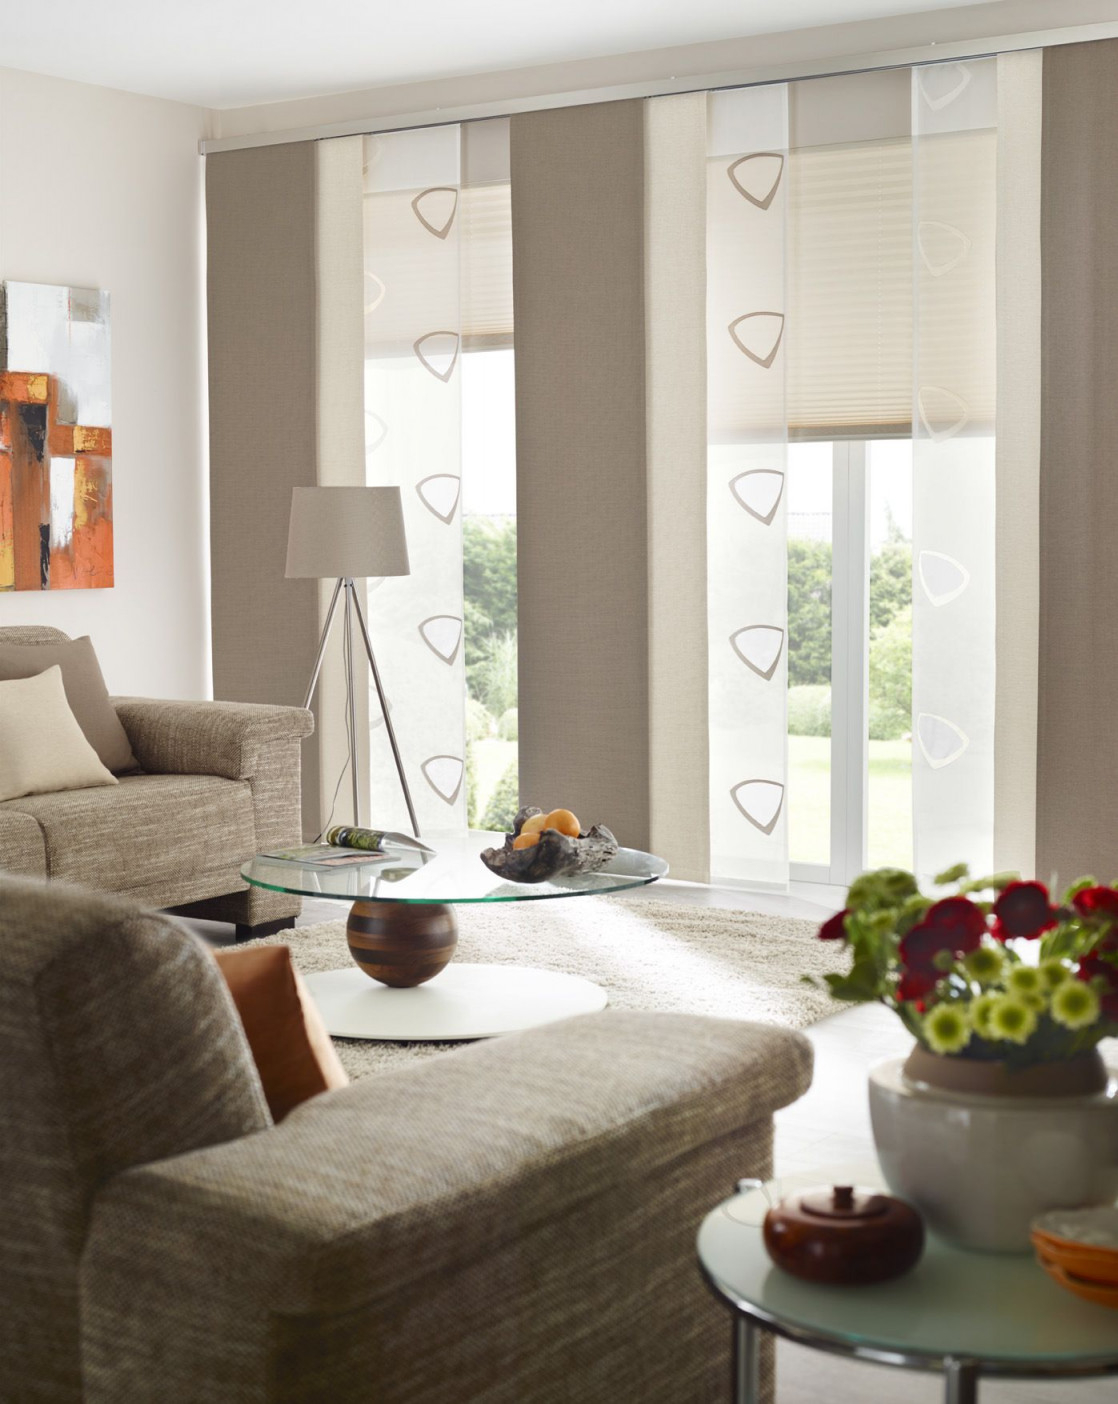 Fenster Urbansteel Gardinen Dekostoffe Vorhang von Gardinen Ideen Wohnzimmer Kleine Fenster Bild